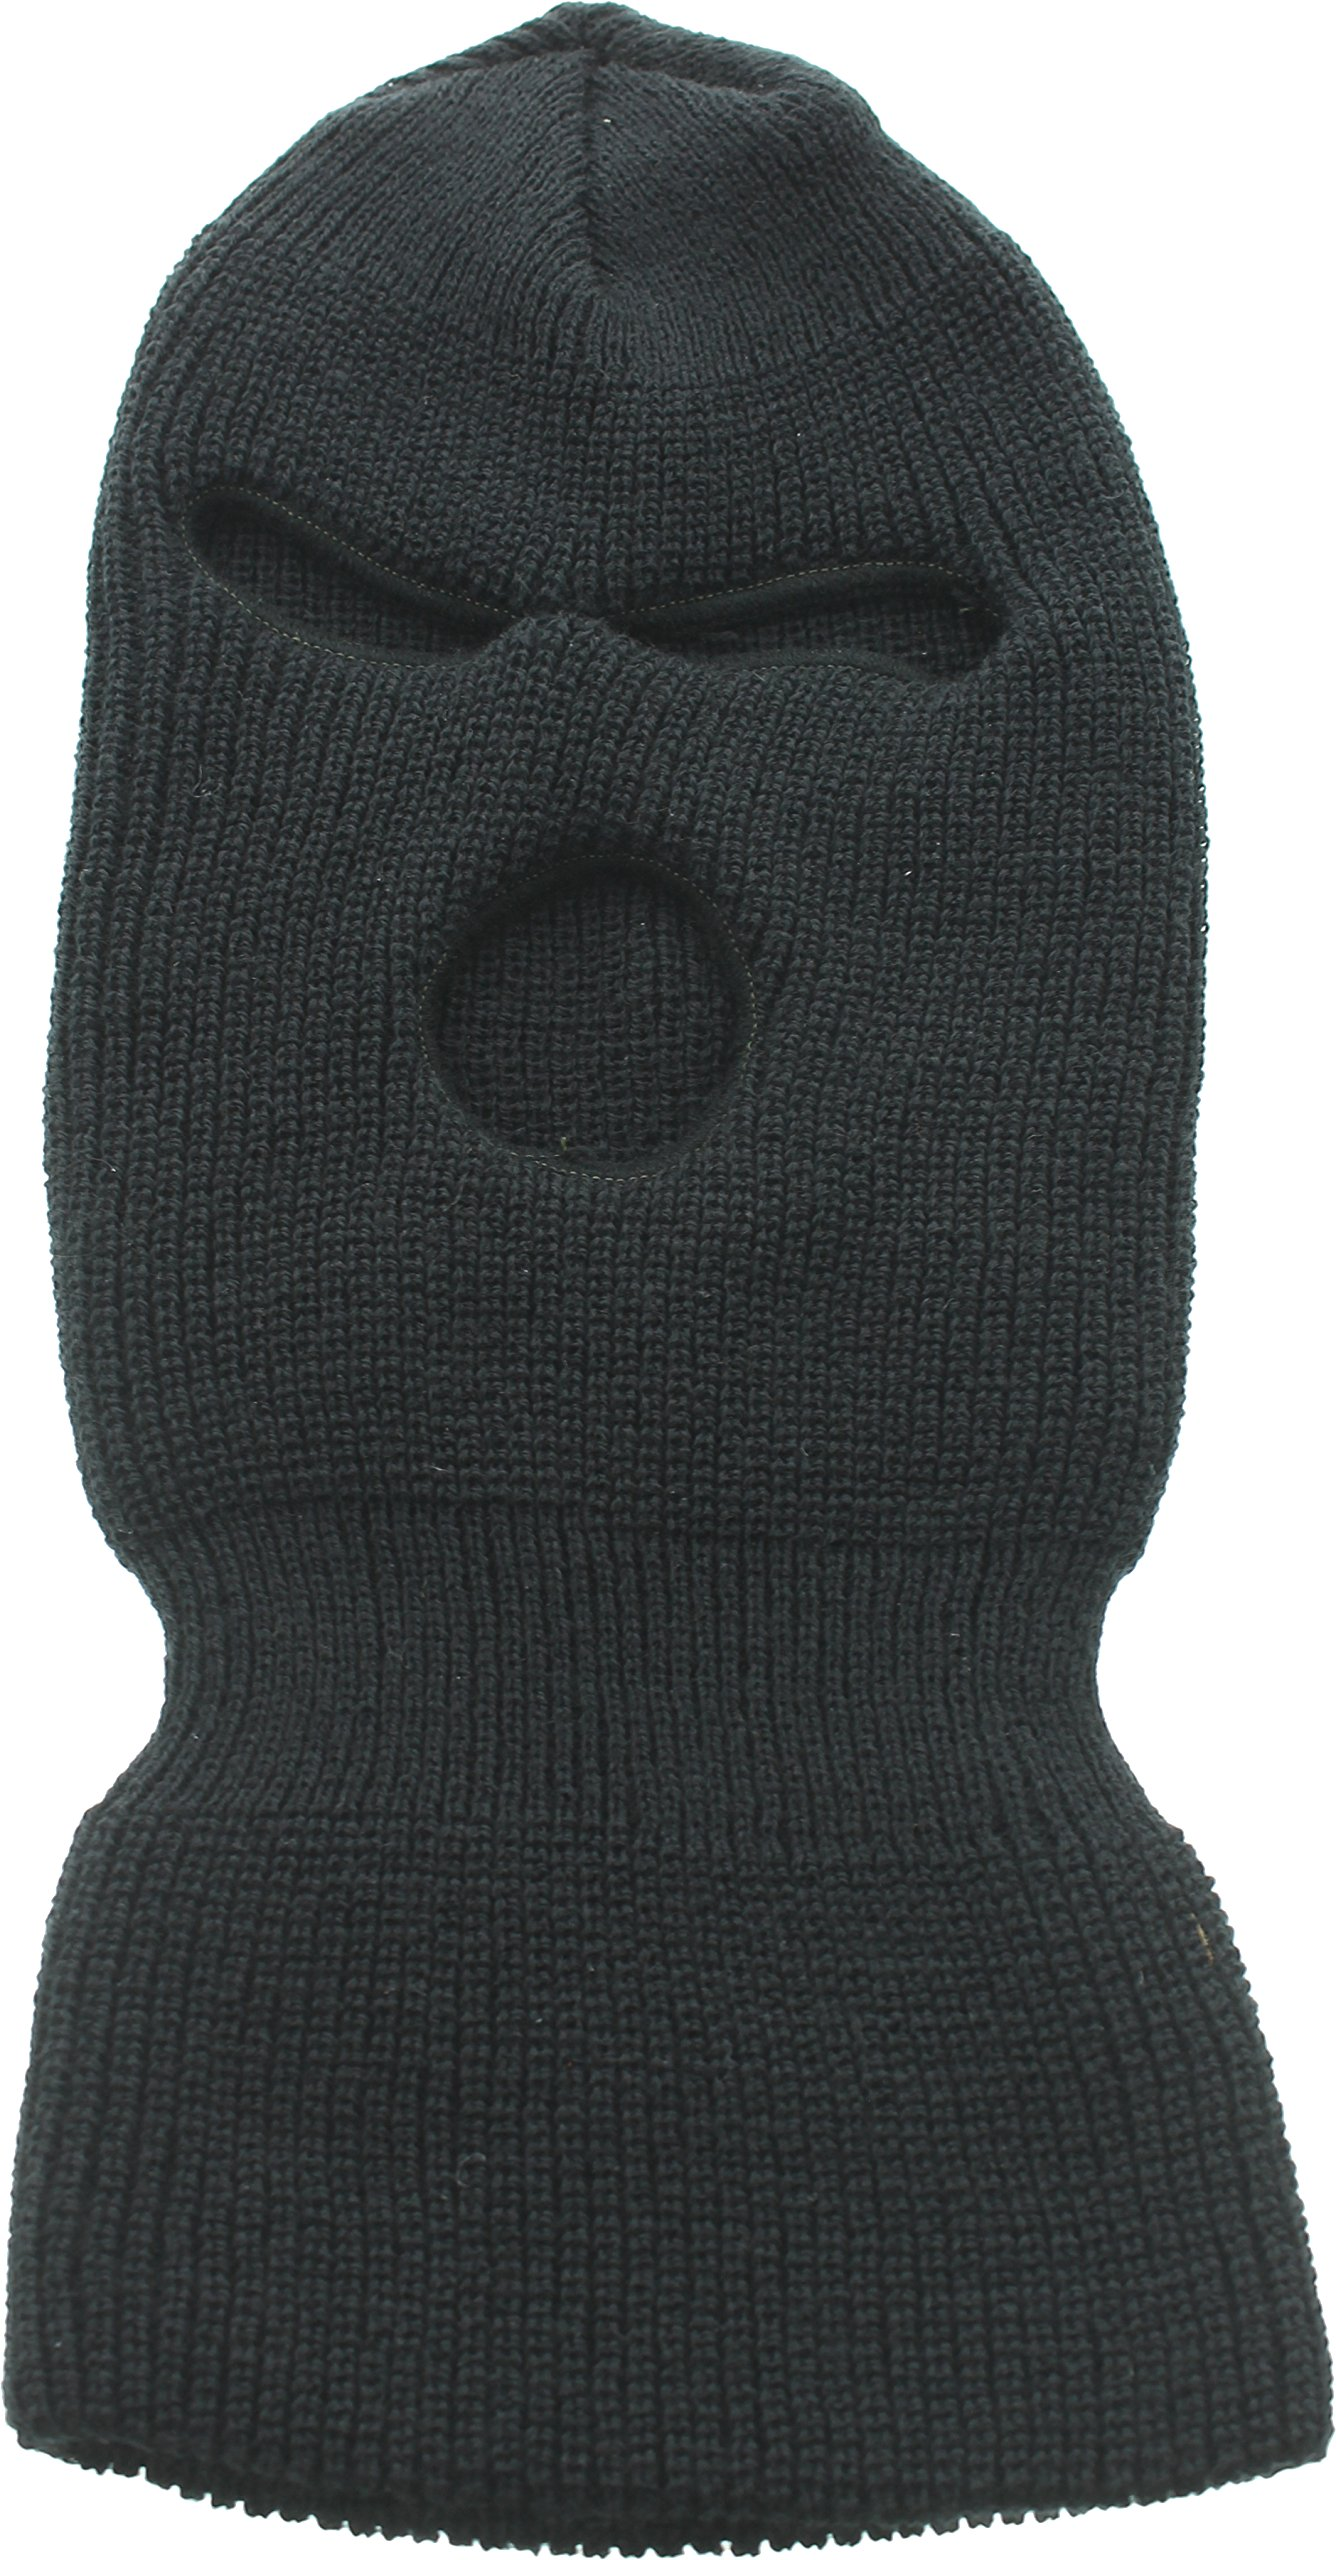 ArmyU Black 3-Hole Face Mask Acrylic 14674bc2e